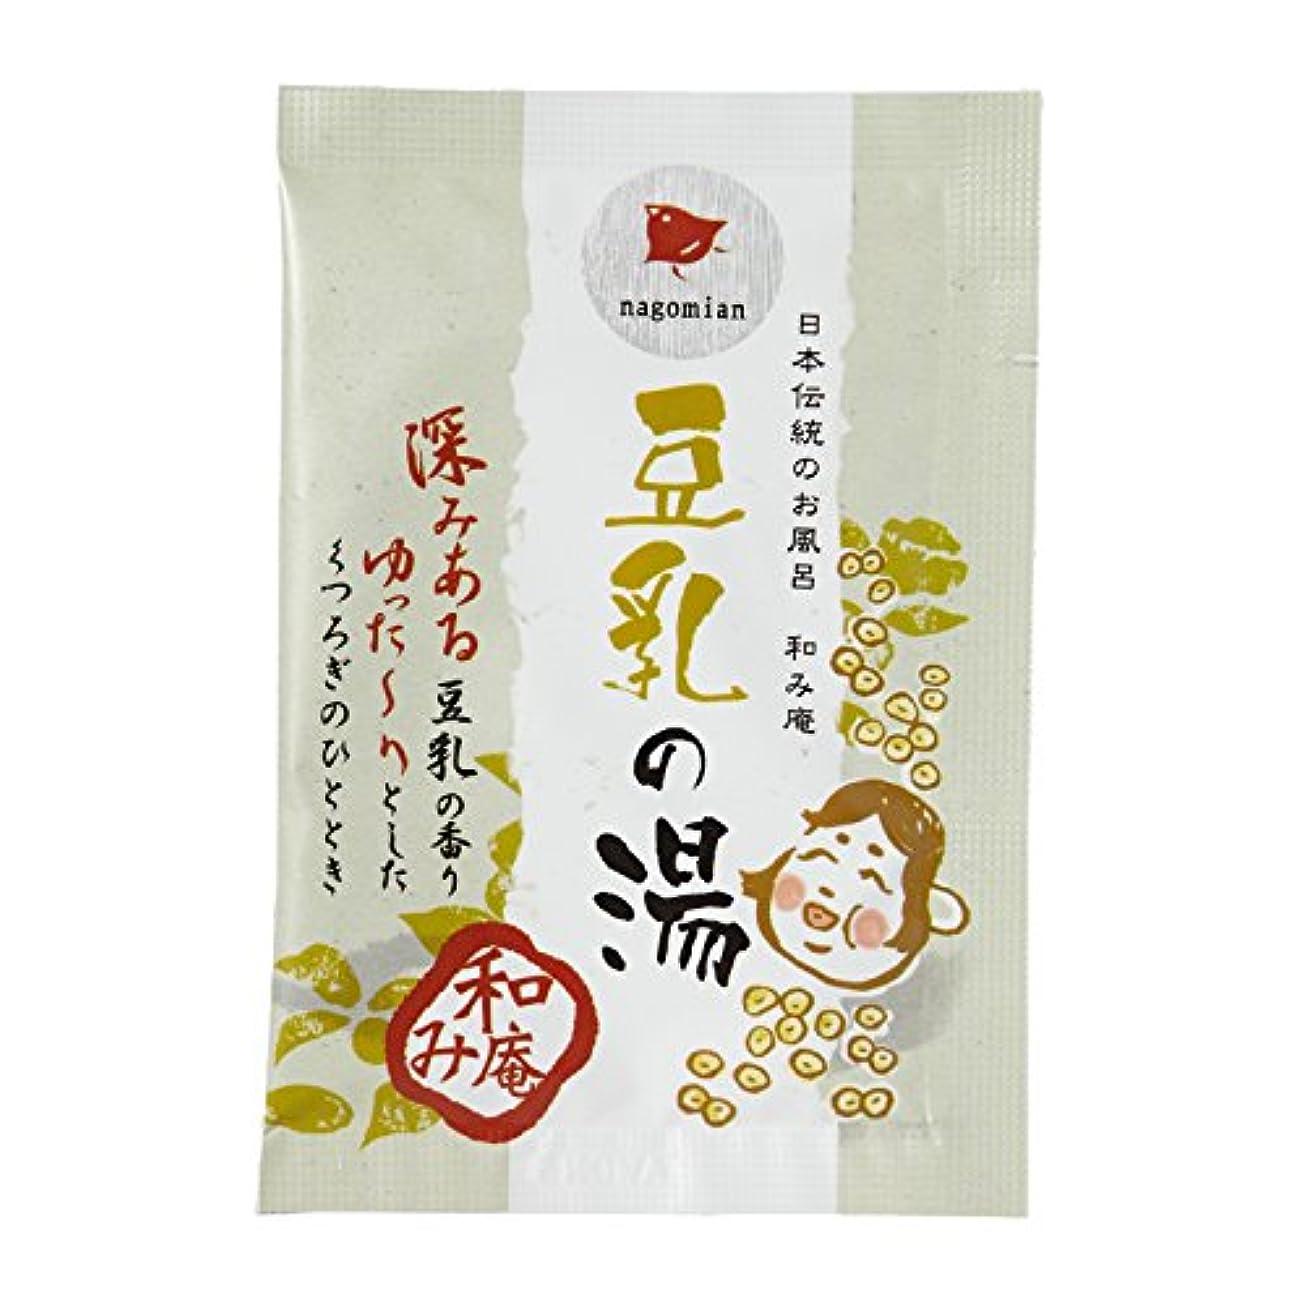 オートネックレスはさみ和み庵 豆乳の湯 25g 40個